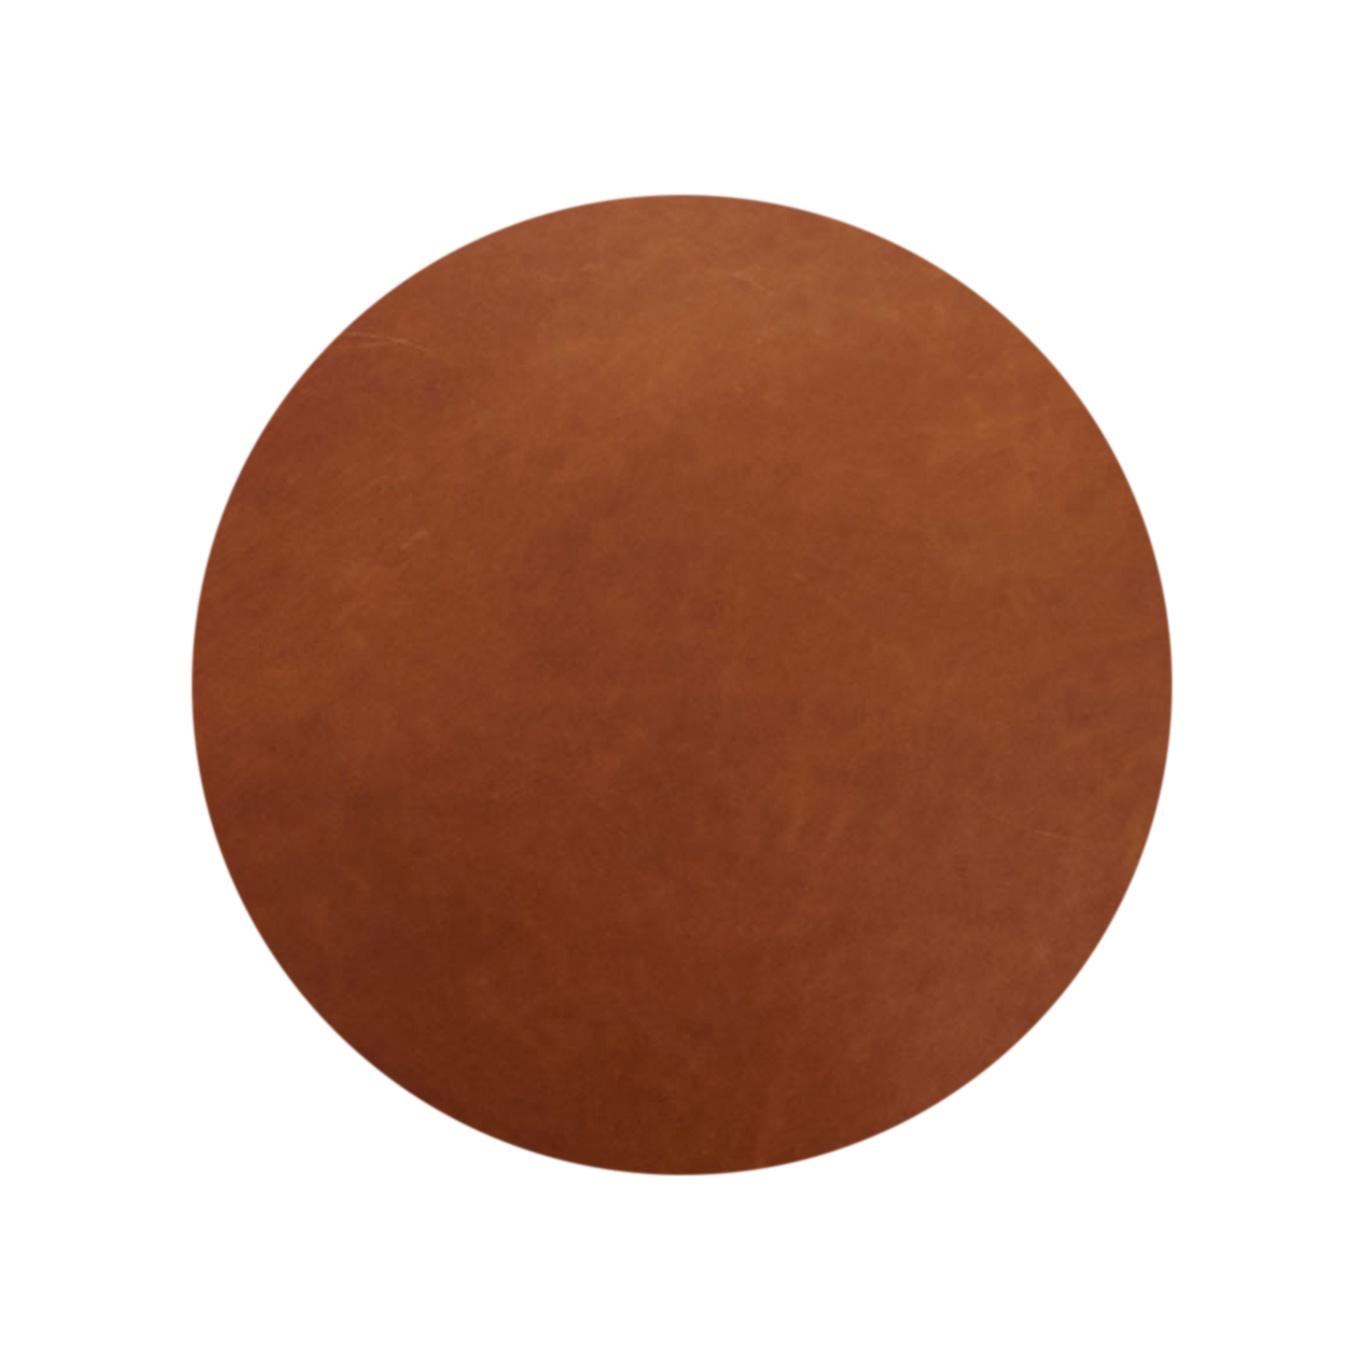 Aspen Leather - Chestnut